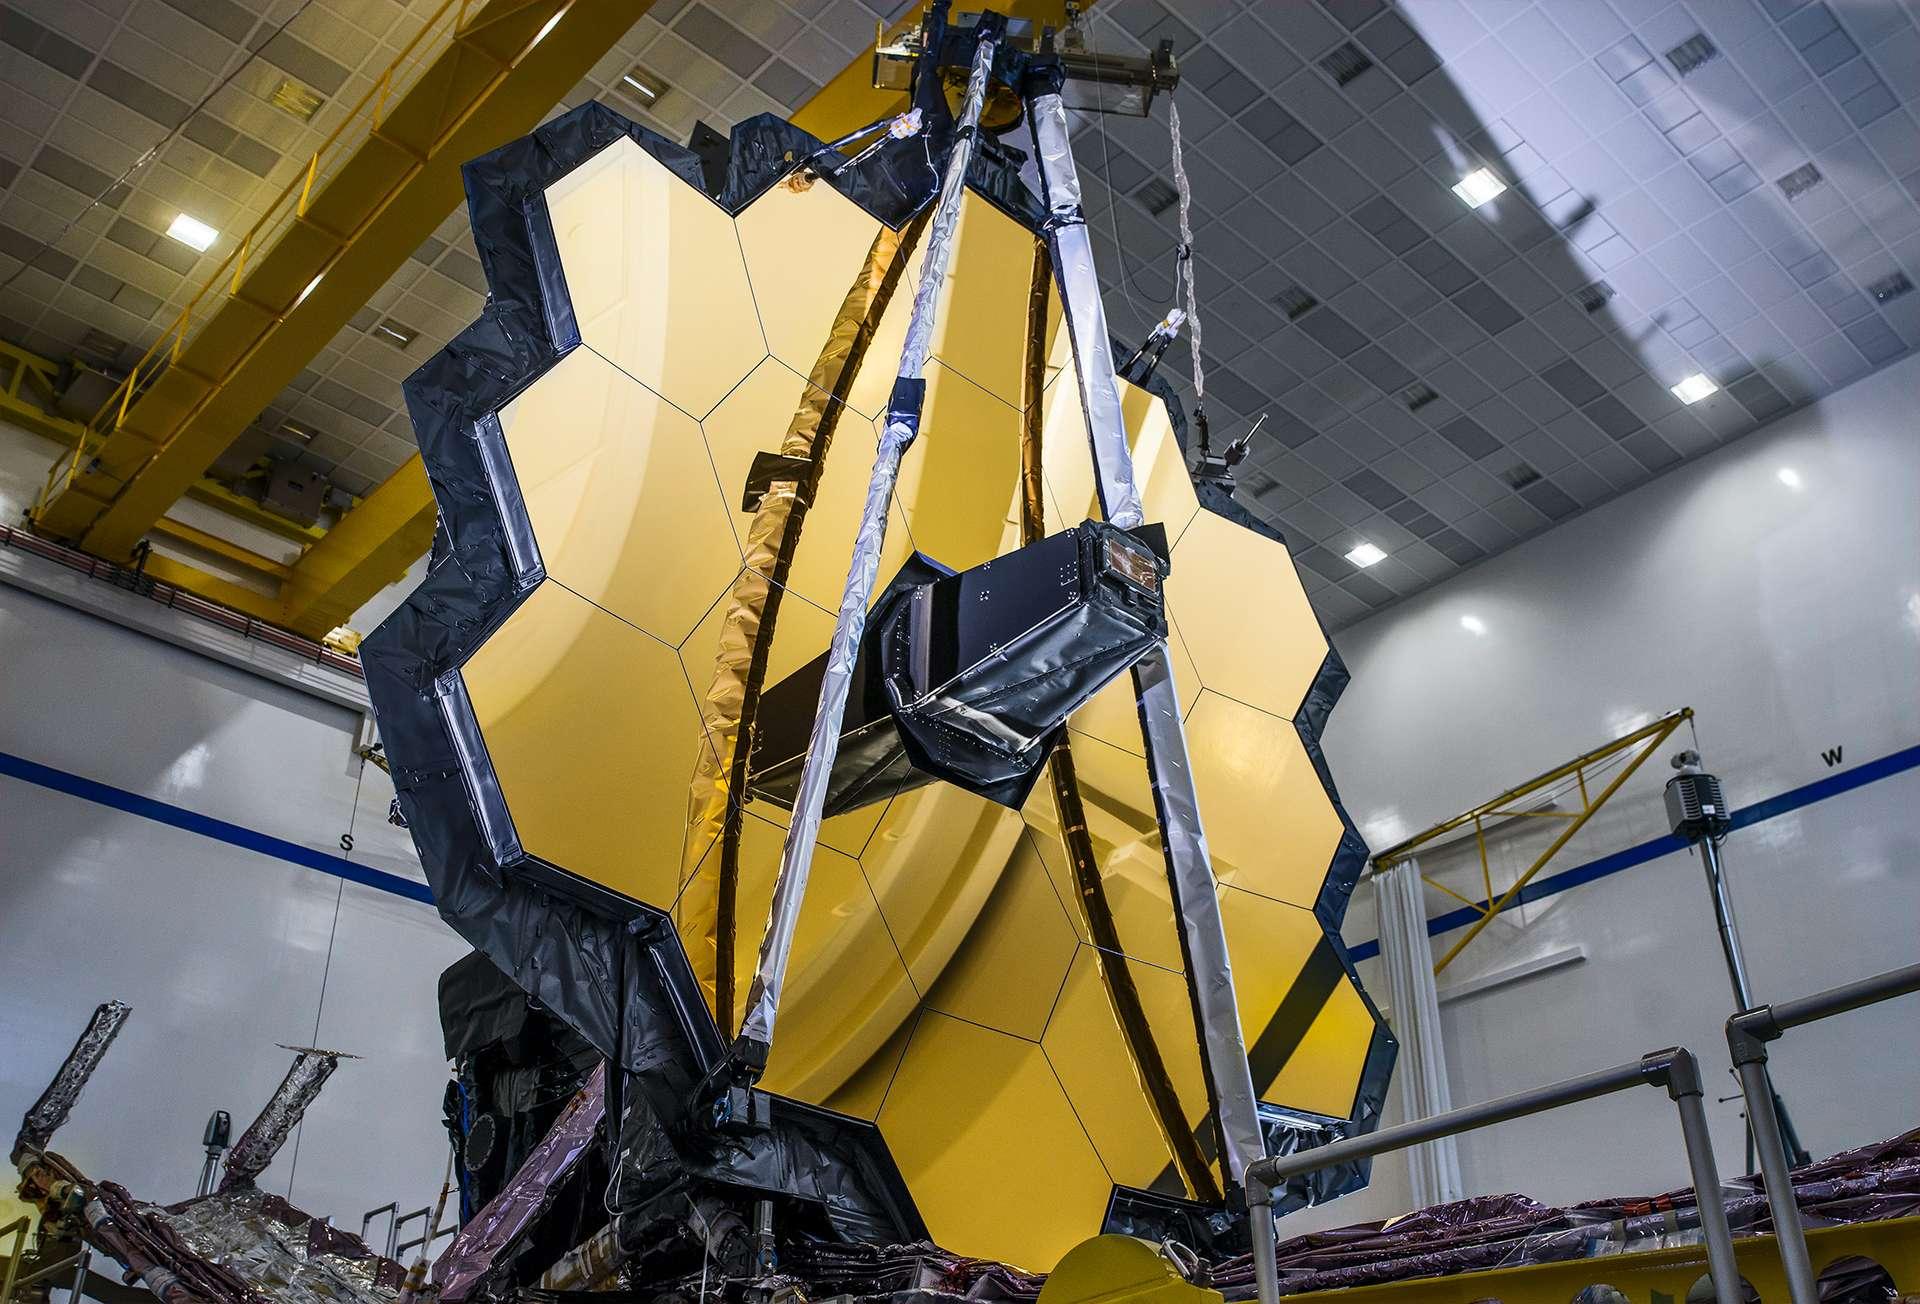 Le miroir primaire de l'observatoire spatial James Webb, lors d'un test de déploiement en gravité zéro simulée. © Nasa, Sophia Roberts